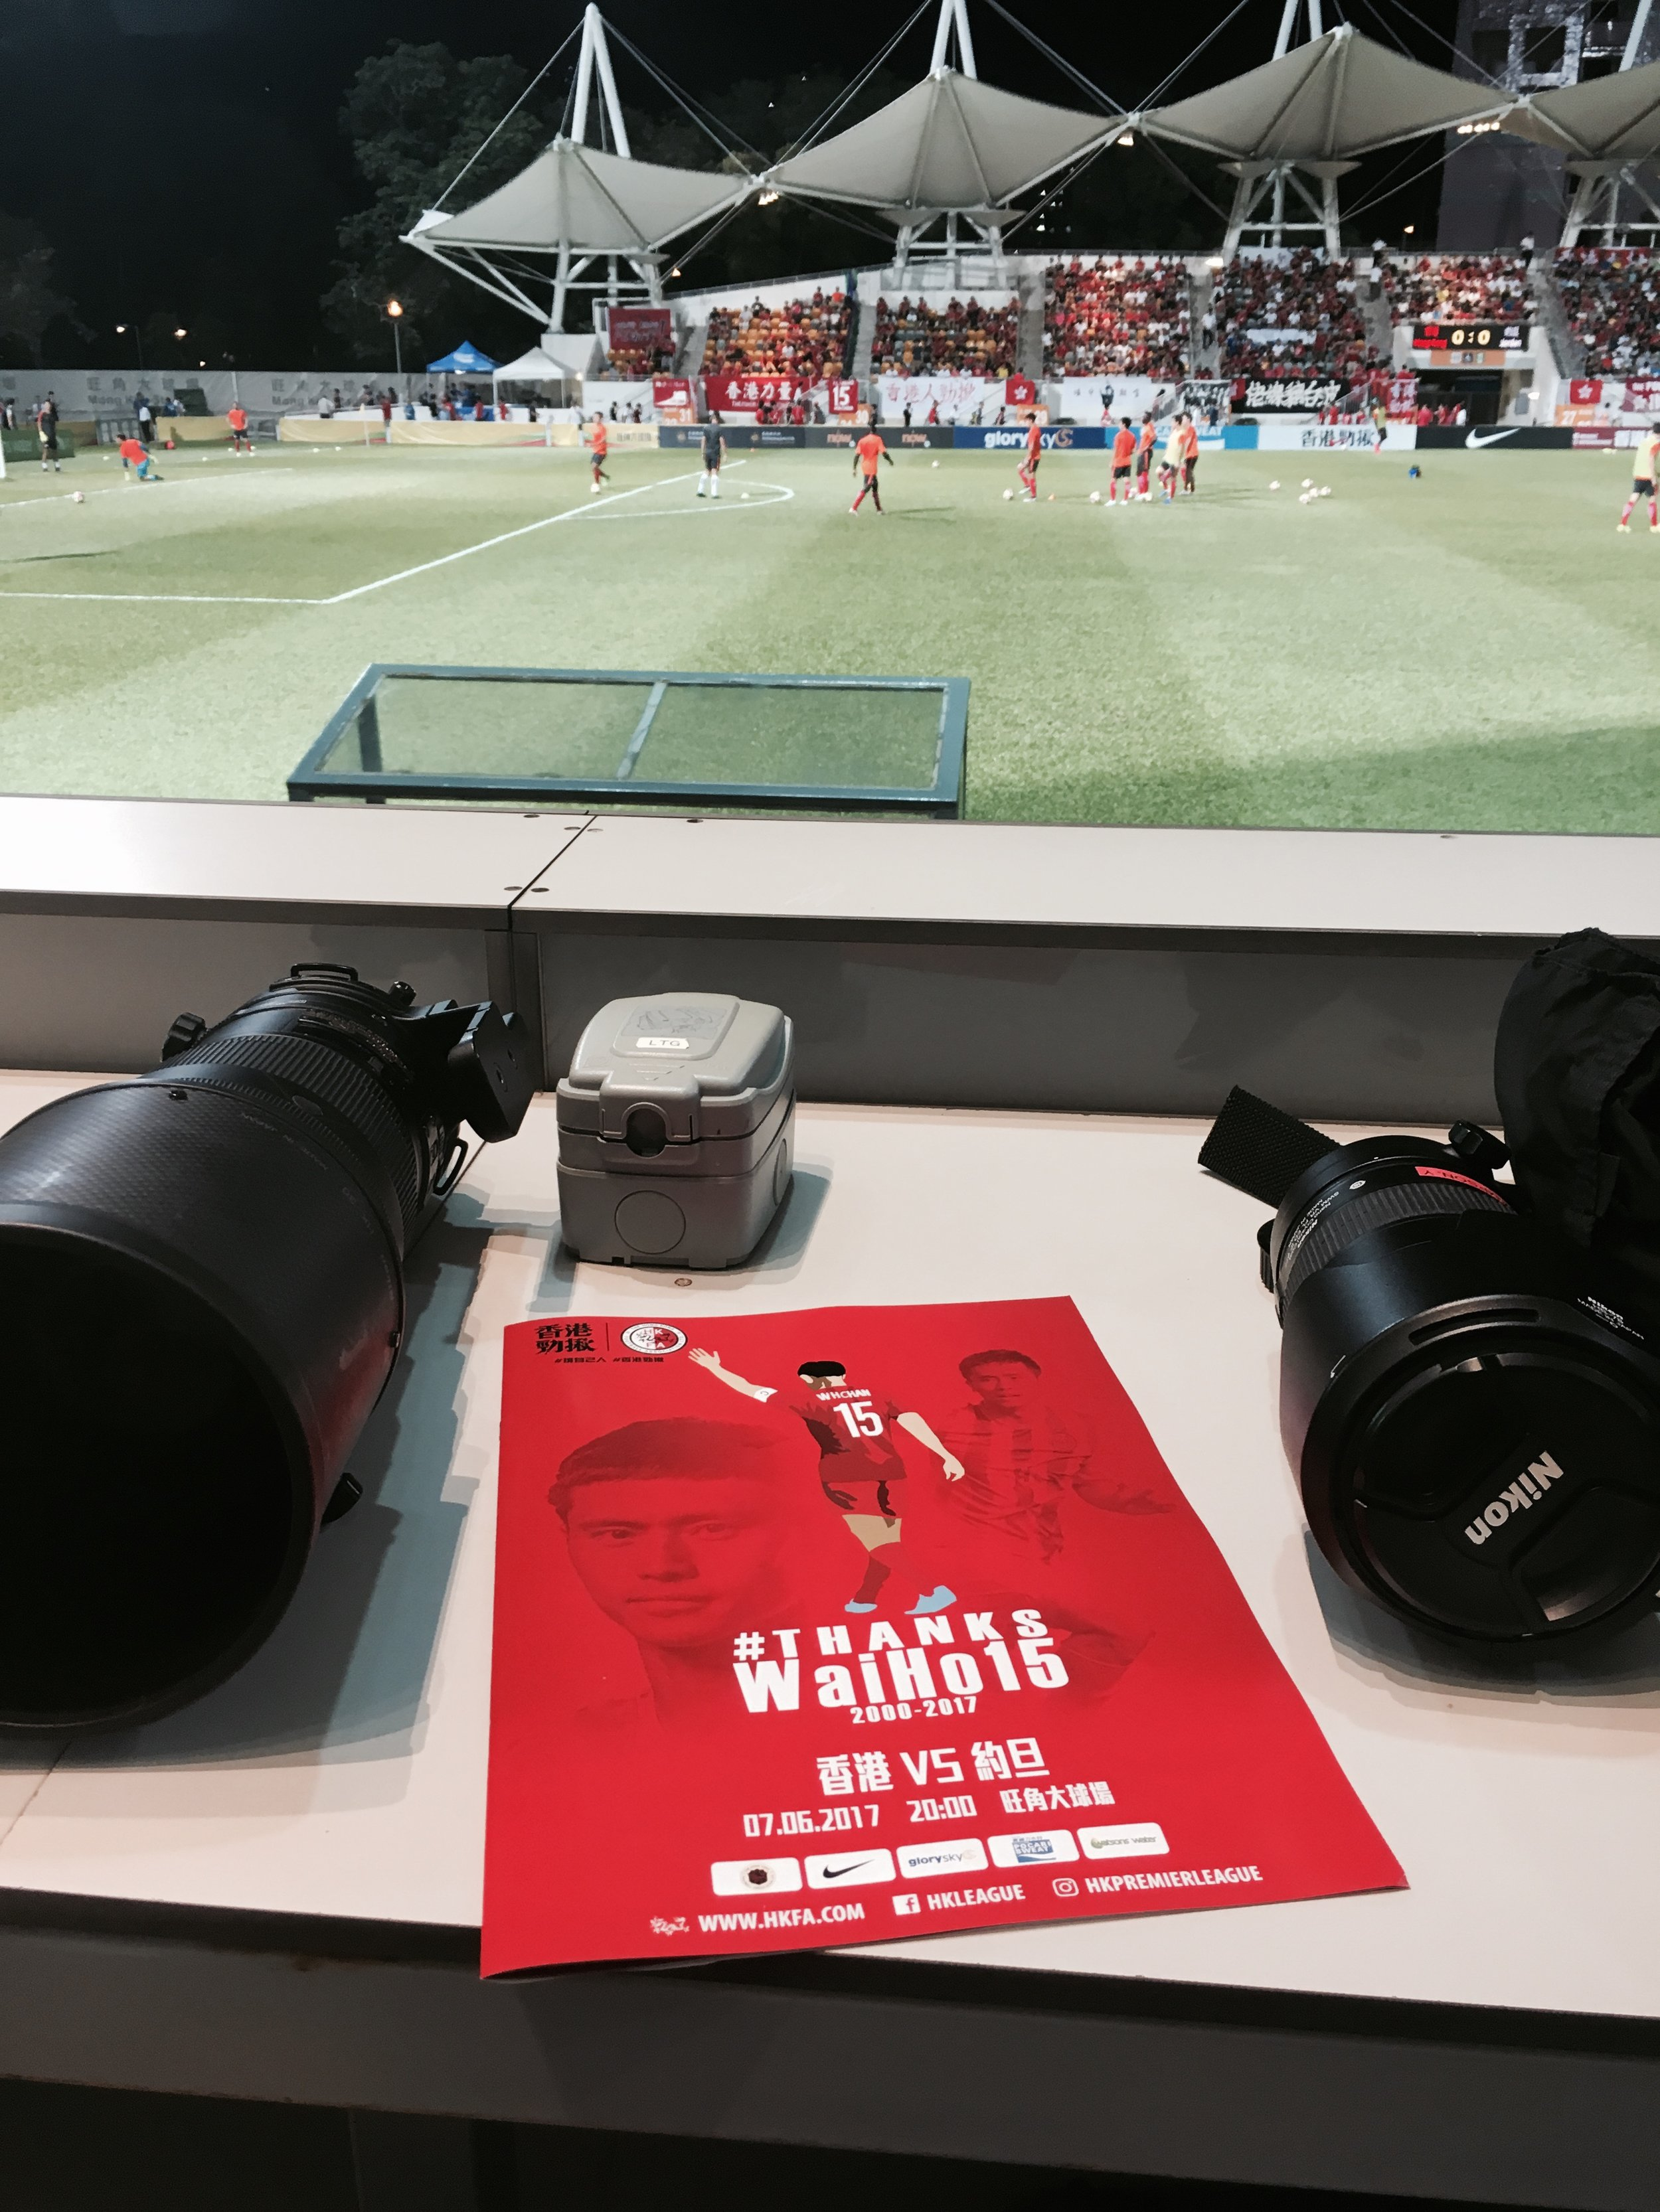 香港對約旦友誼賽,亦都係大豪 - 陳偉豪最後一次代表香港隊上陣